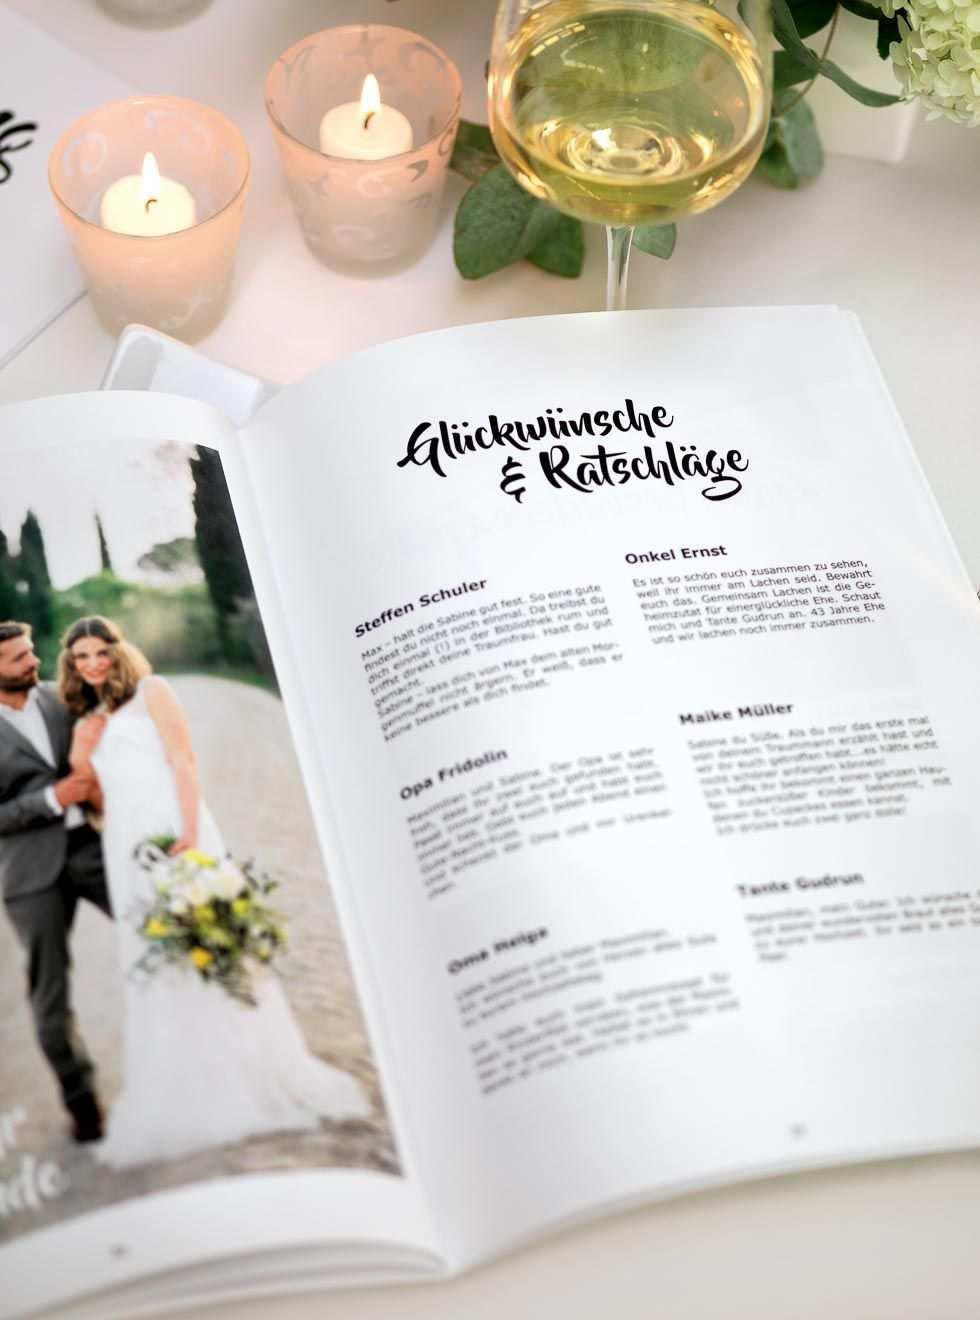 Hochzeitszeitung Vorlage Professionelles Magazin In Word Gestalten Hochzeitszeitung Hochzeit Hochzeit Broschure